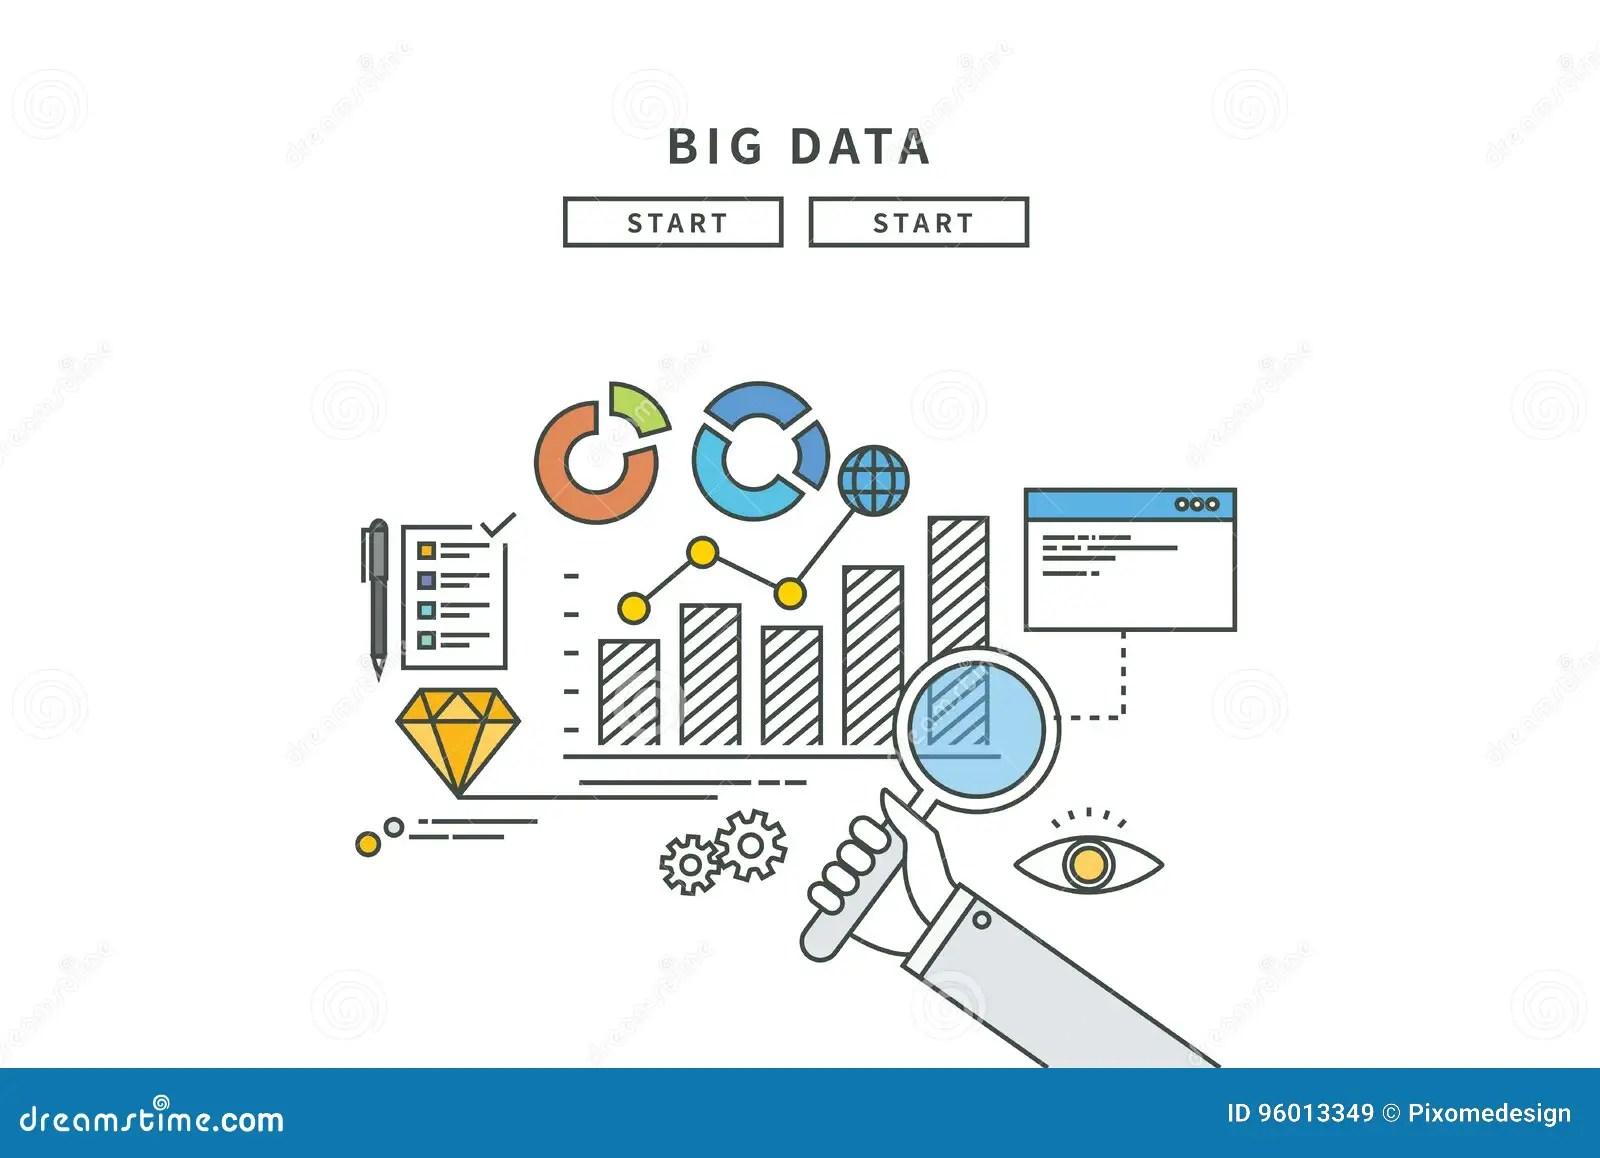 Simple Line Flat Design Of Big Data Modern Illustration